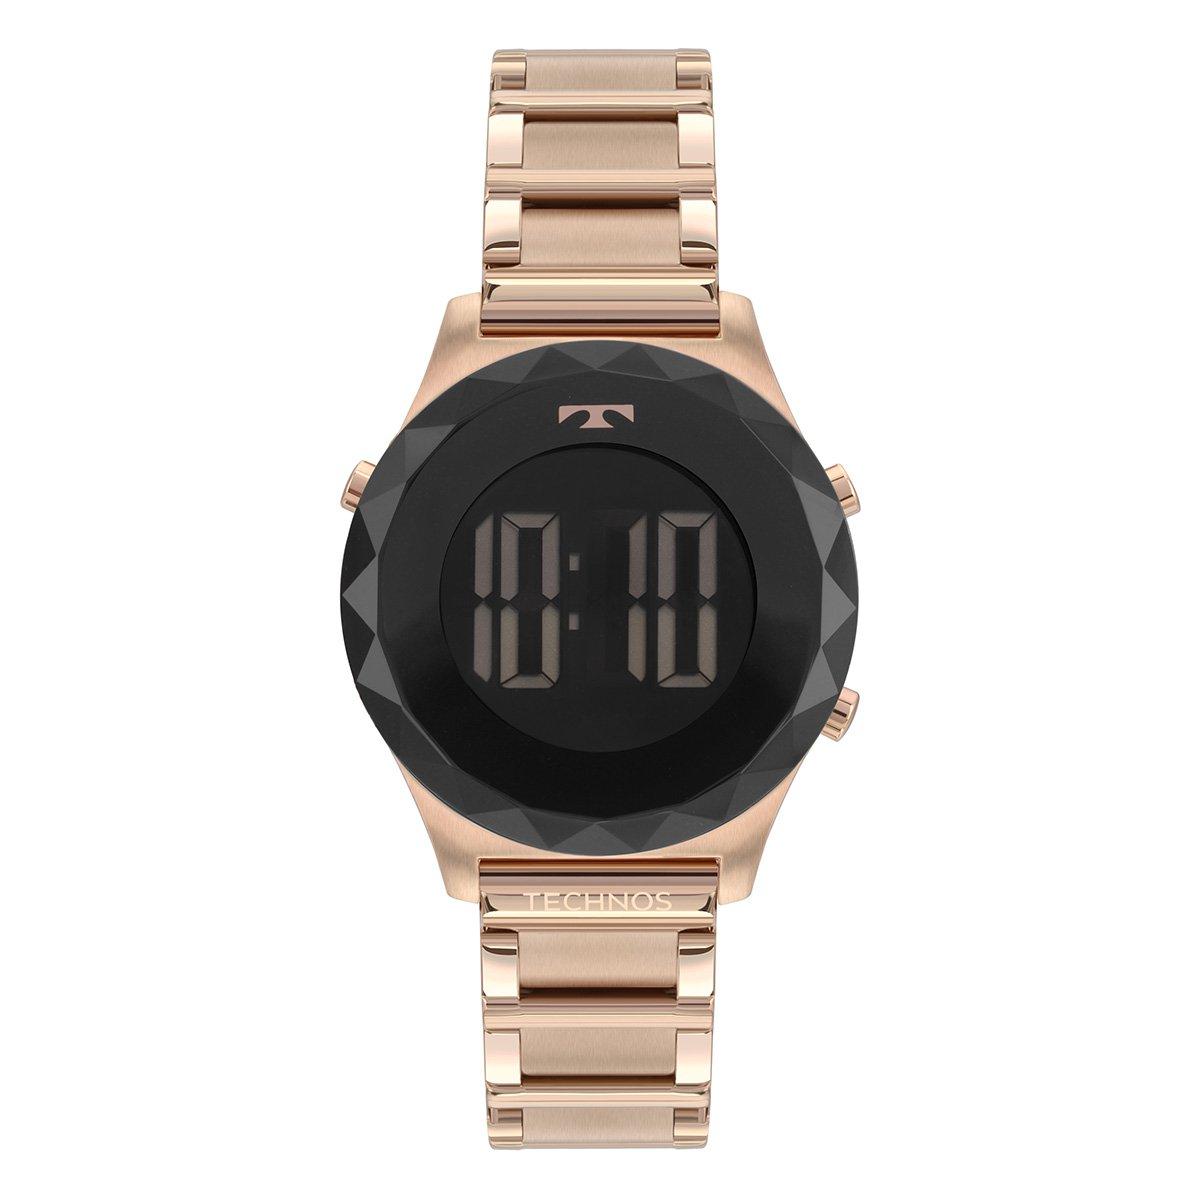 Relógio Technos Crystal Digital BJ3851AA/4P Feminino